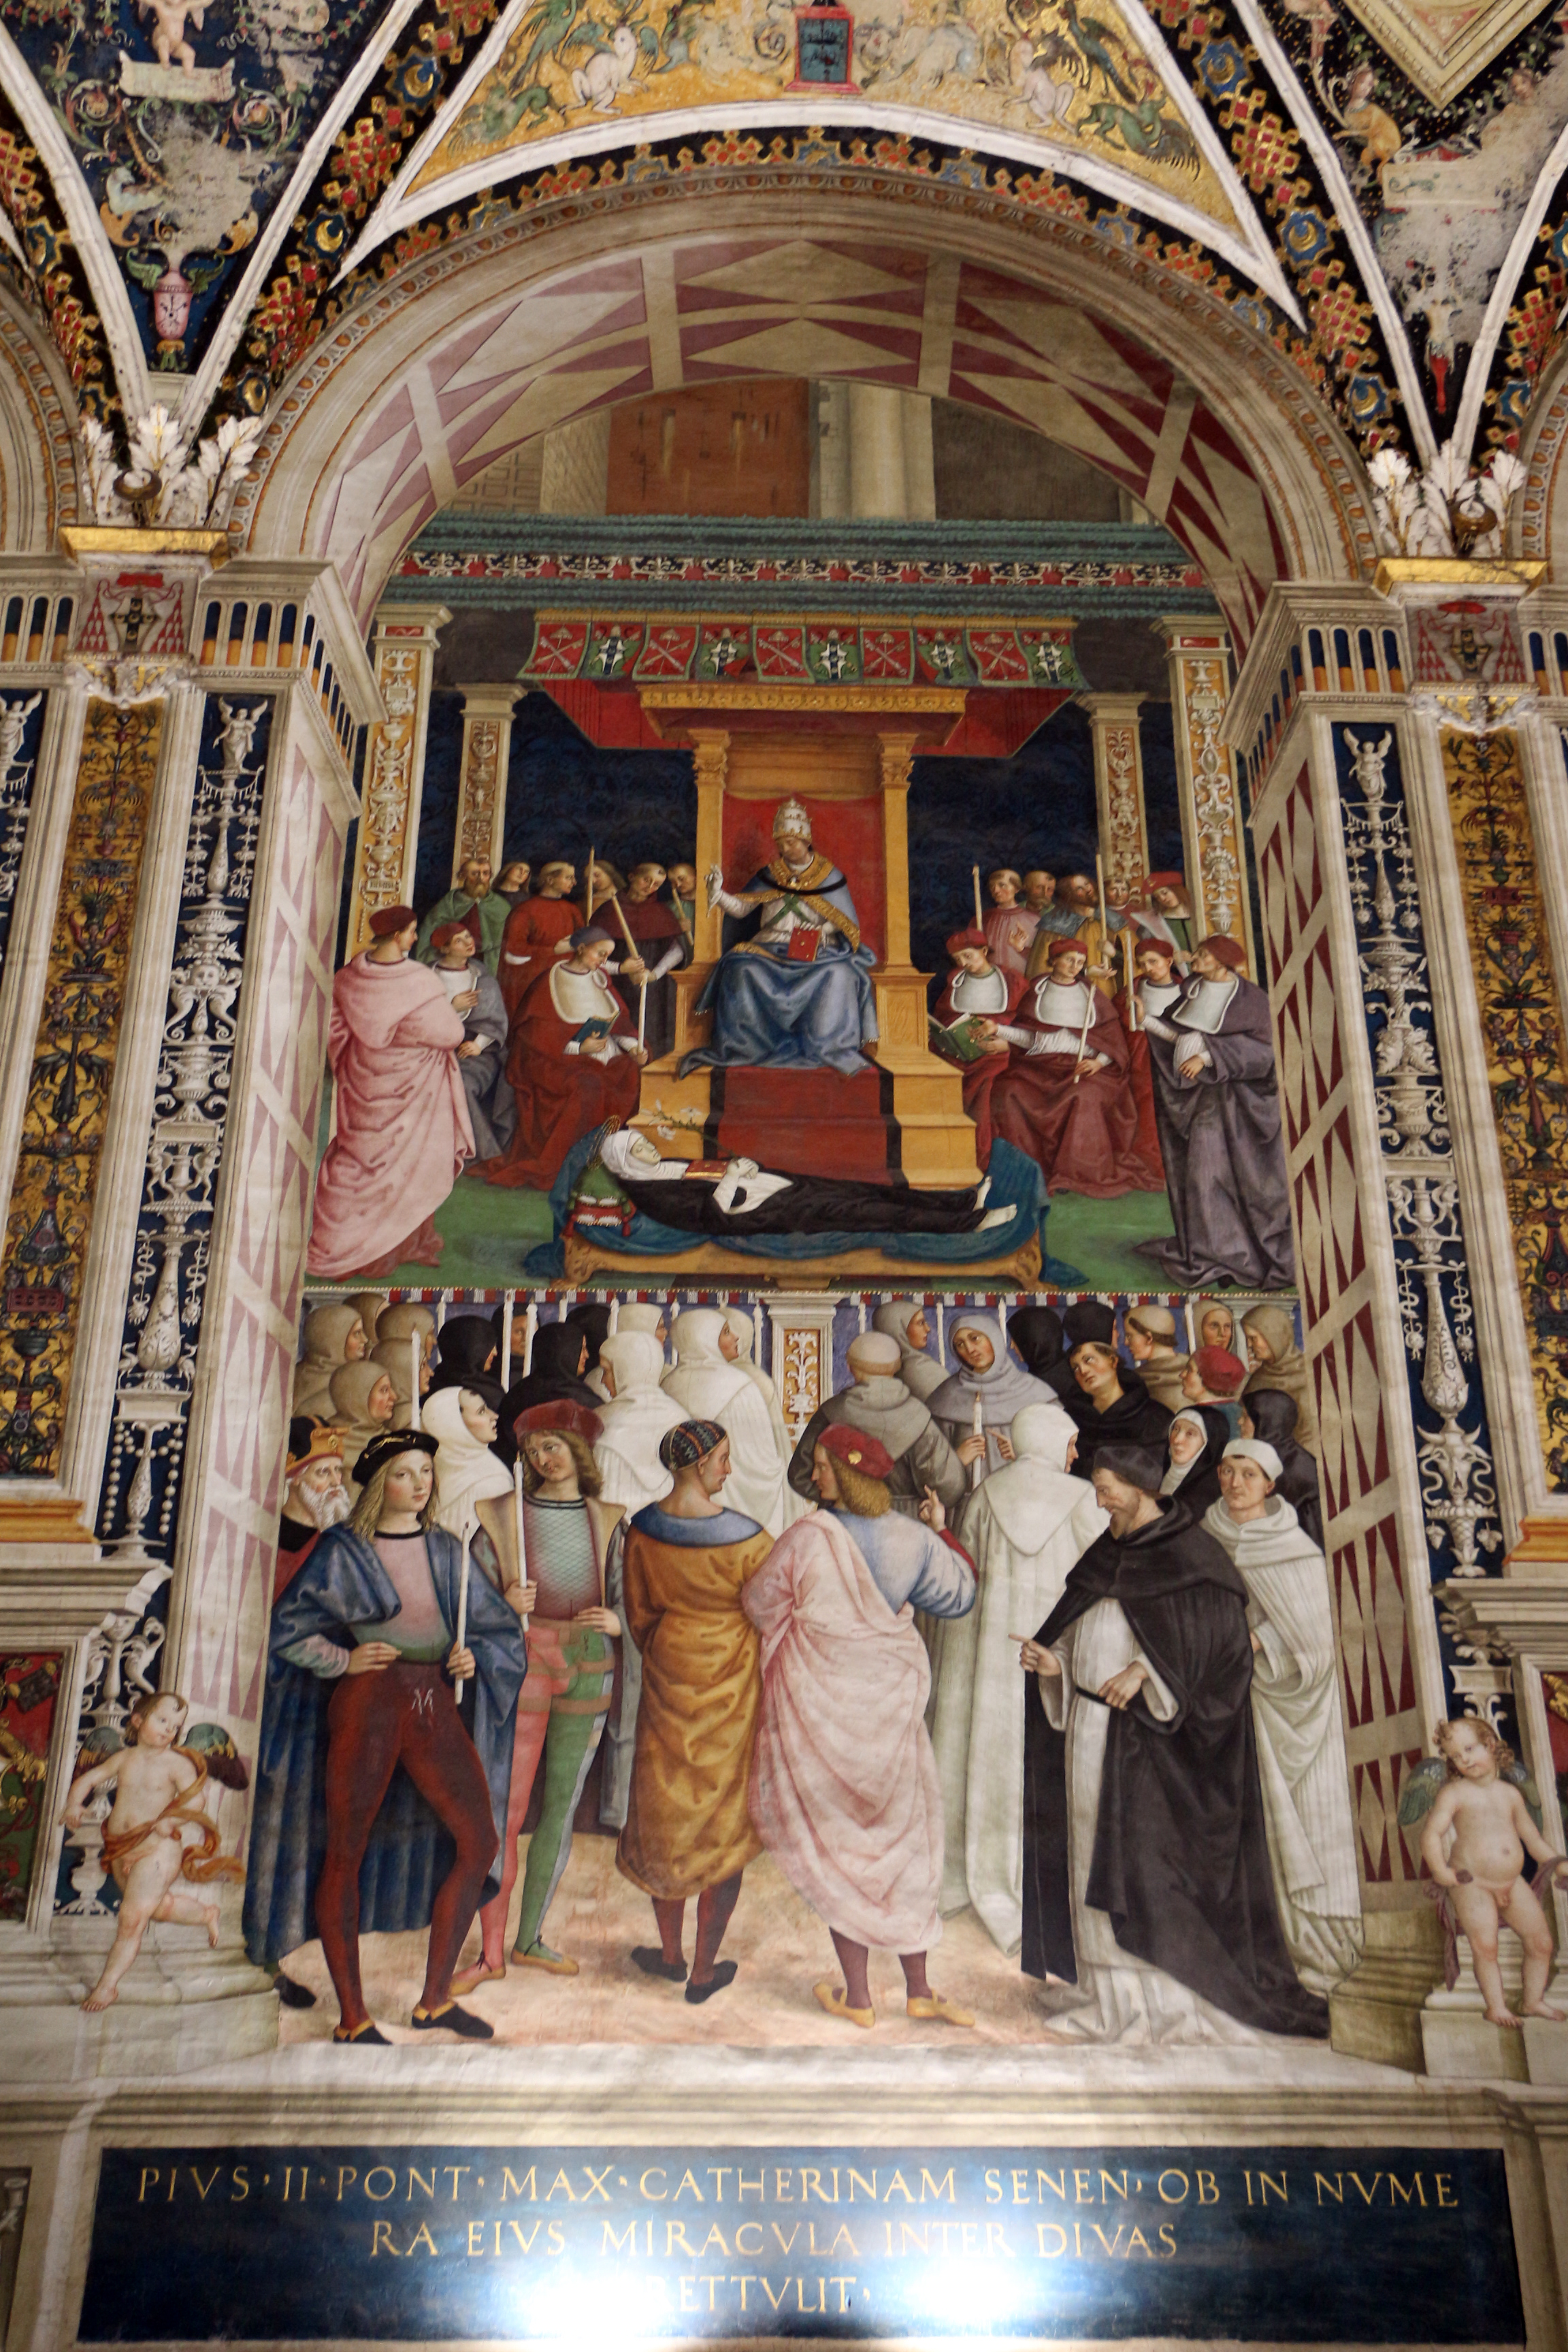 https://upload.wikimedia.org/wikipedia/commons/e/e8/Pinturicchio%2C_liberia_piccolomini%2C_1502-07_circa%2C_Pio_II_canonizza_santa_Caterina_da_Siena_01.JPG